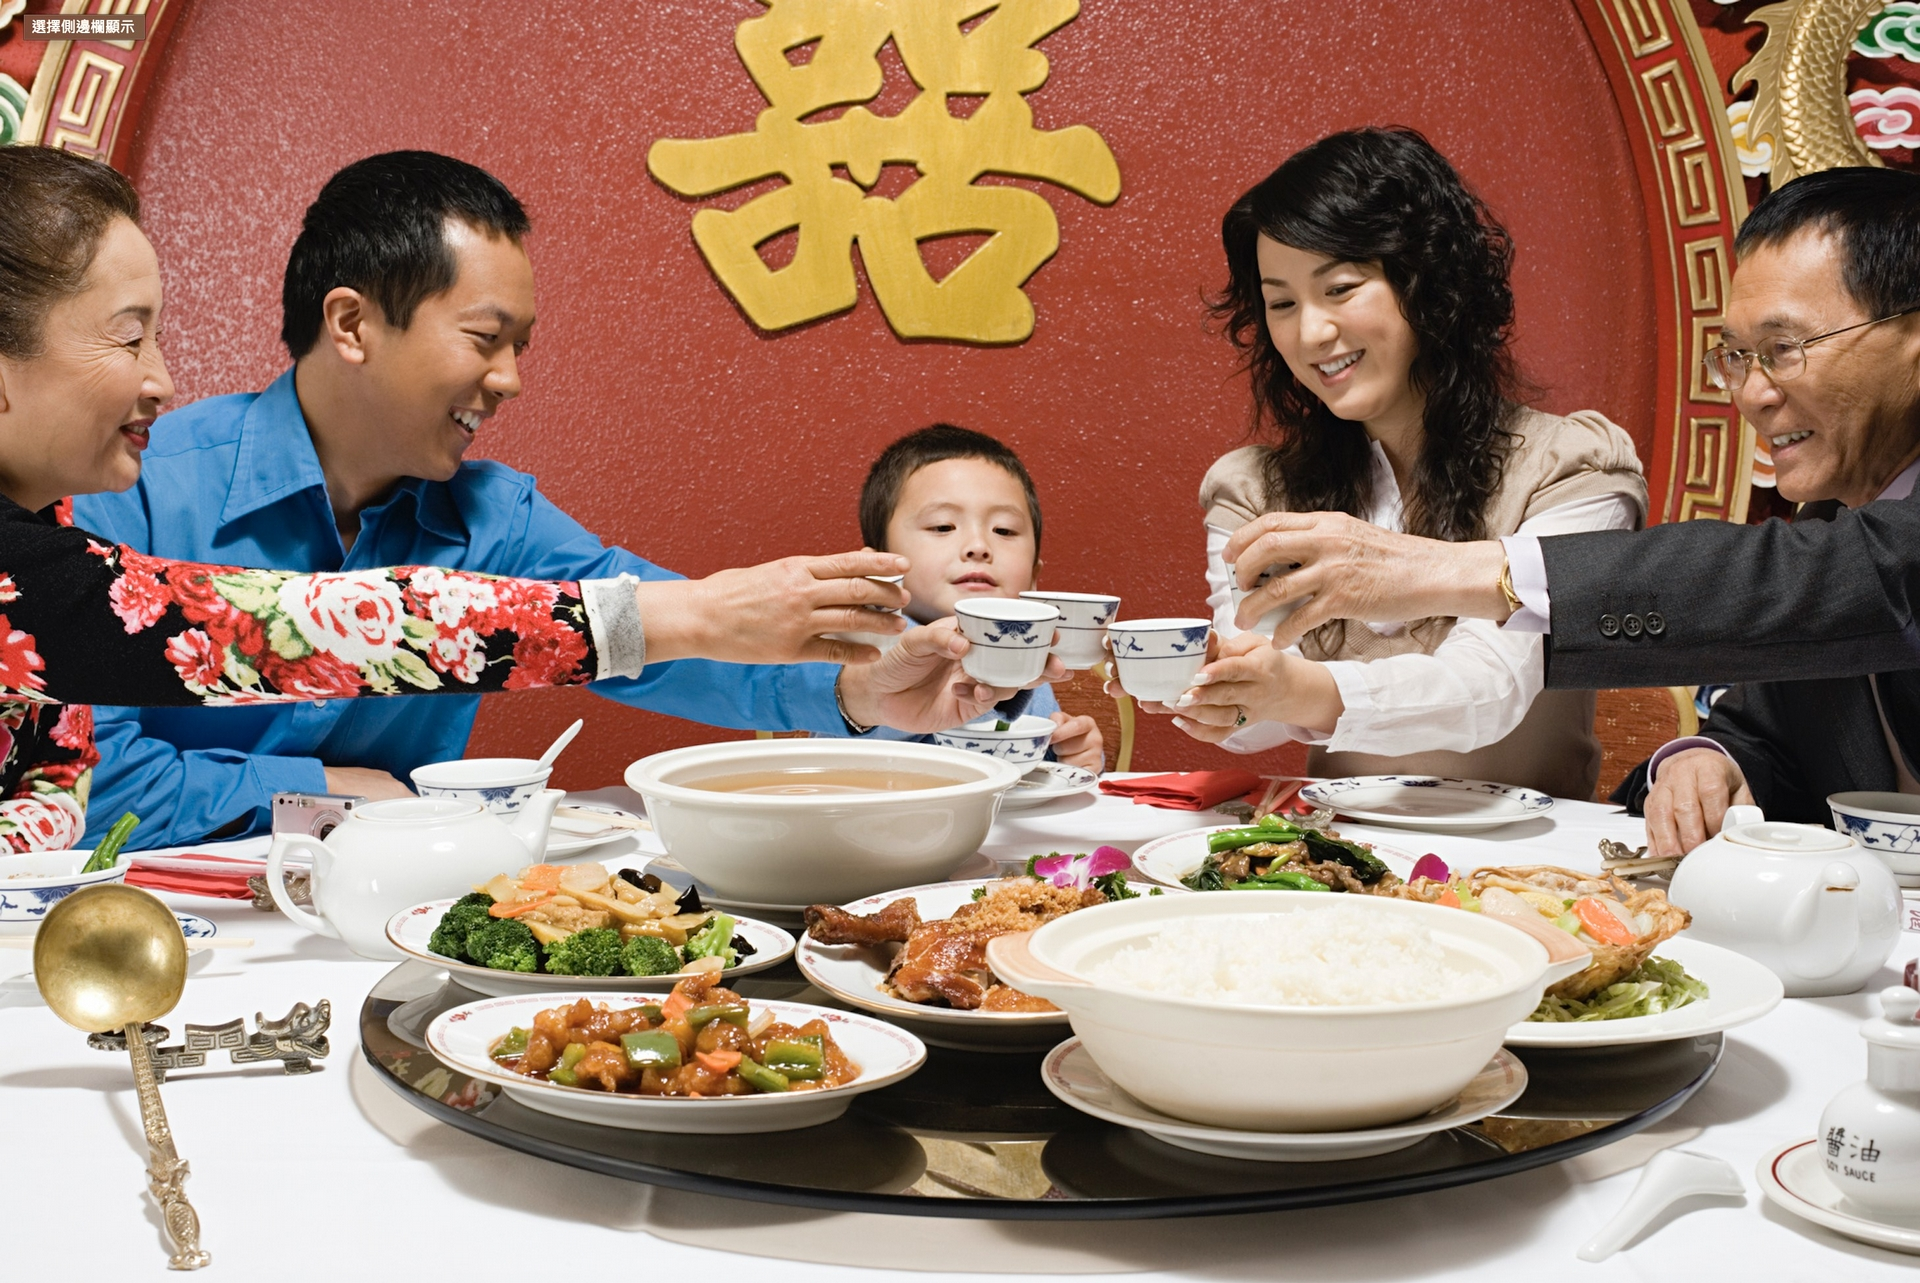 想像得到嗎,20 世紀以前華人餐桌上並沒有這種大轉盤,它的誕生其實是因為肺結核的防治。 圖片來源│iStock